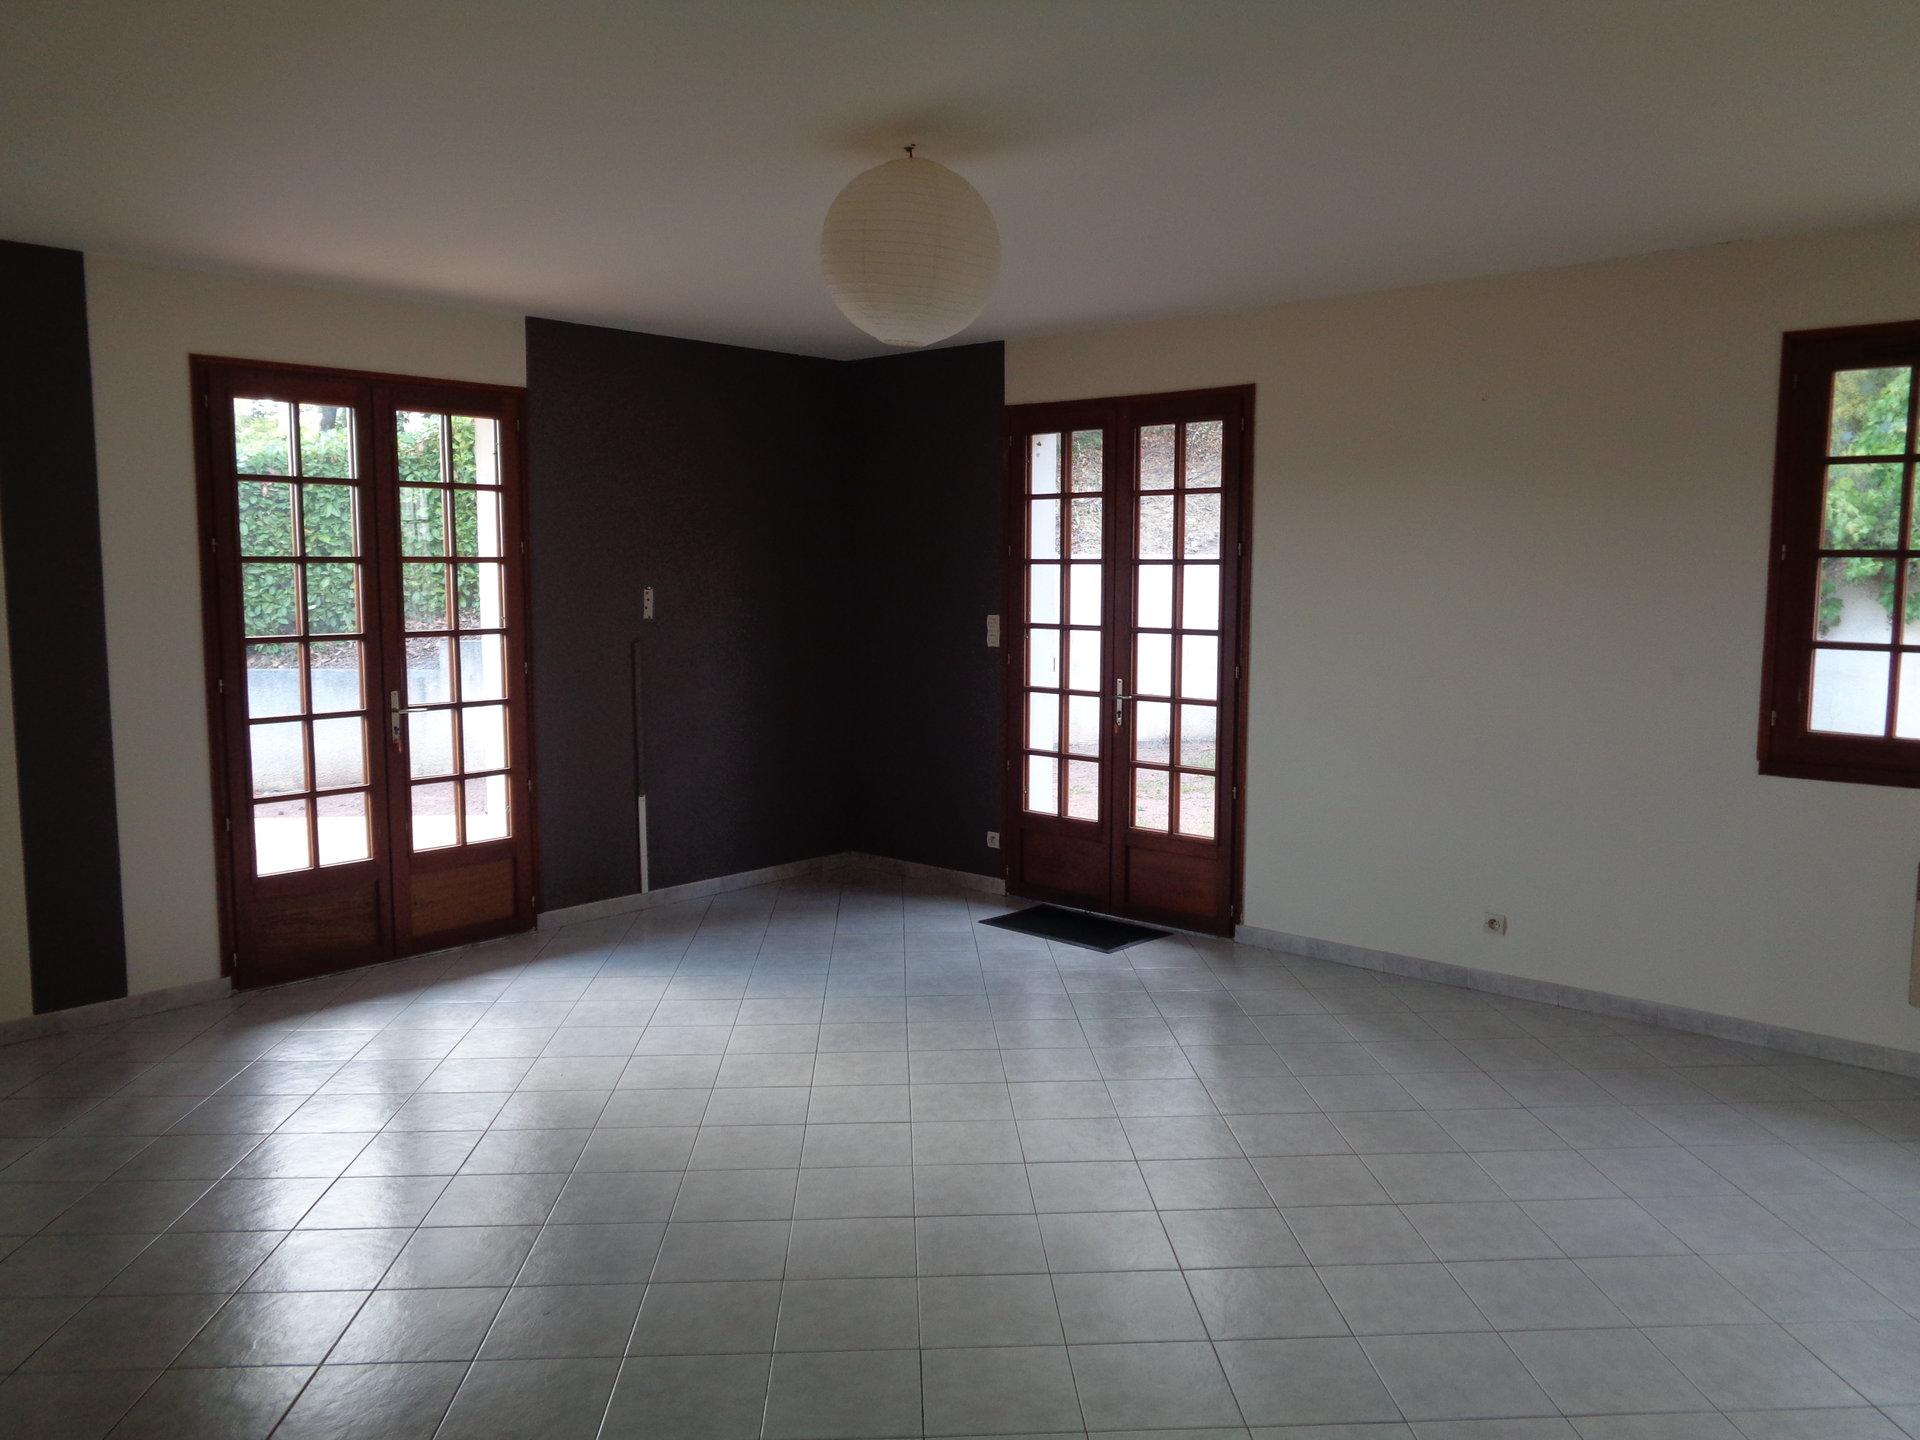 Pavillon sur sous-sol - 4 pièces - 112 m² (env.) MISSE